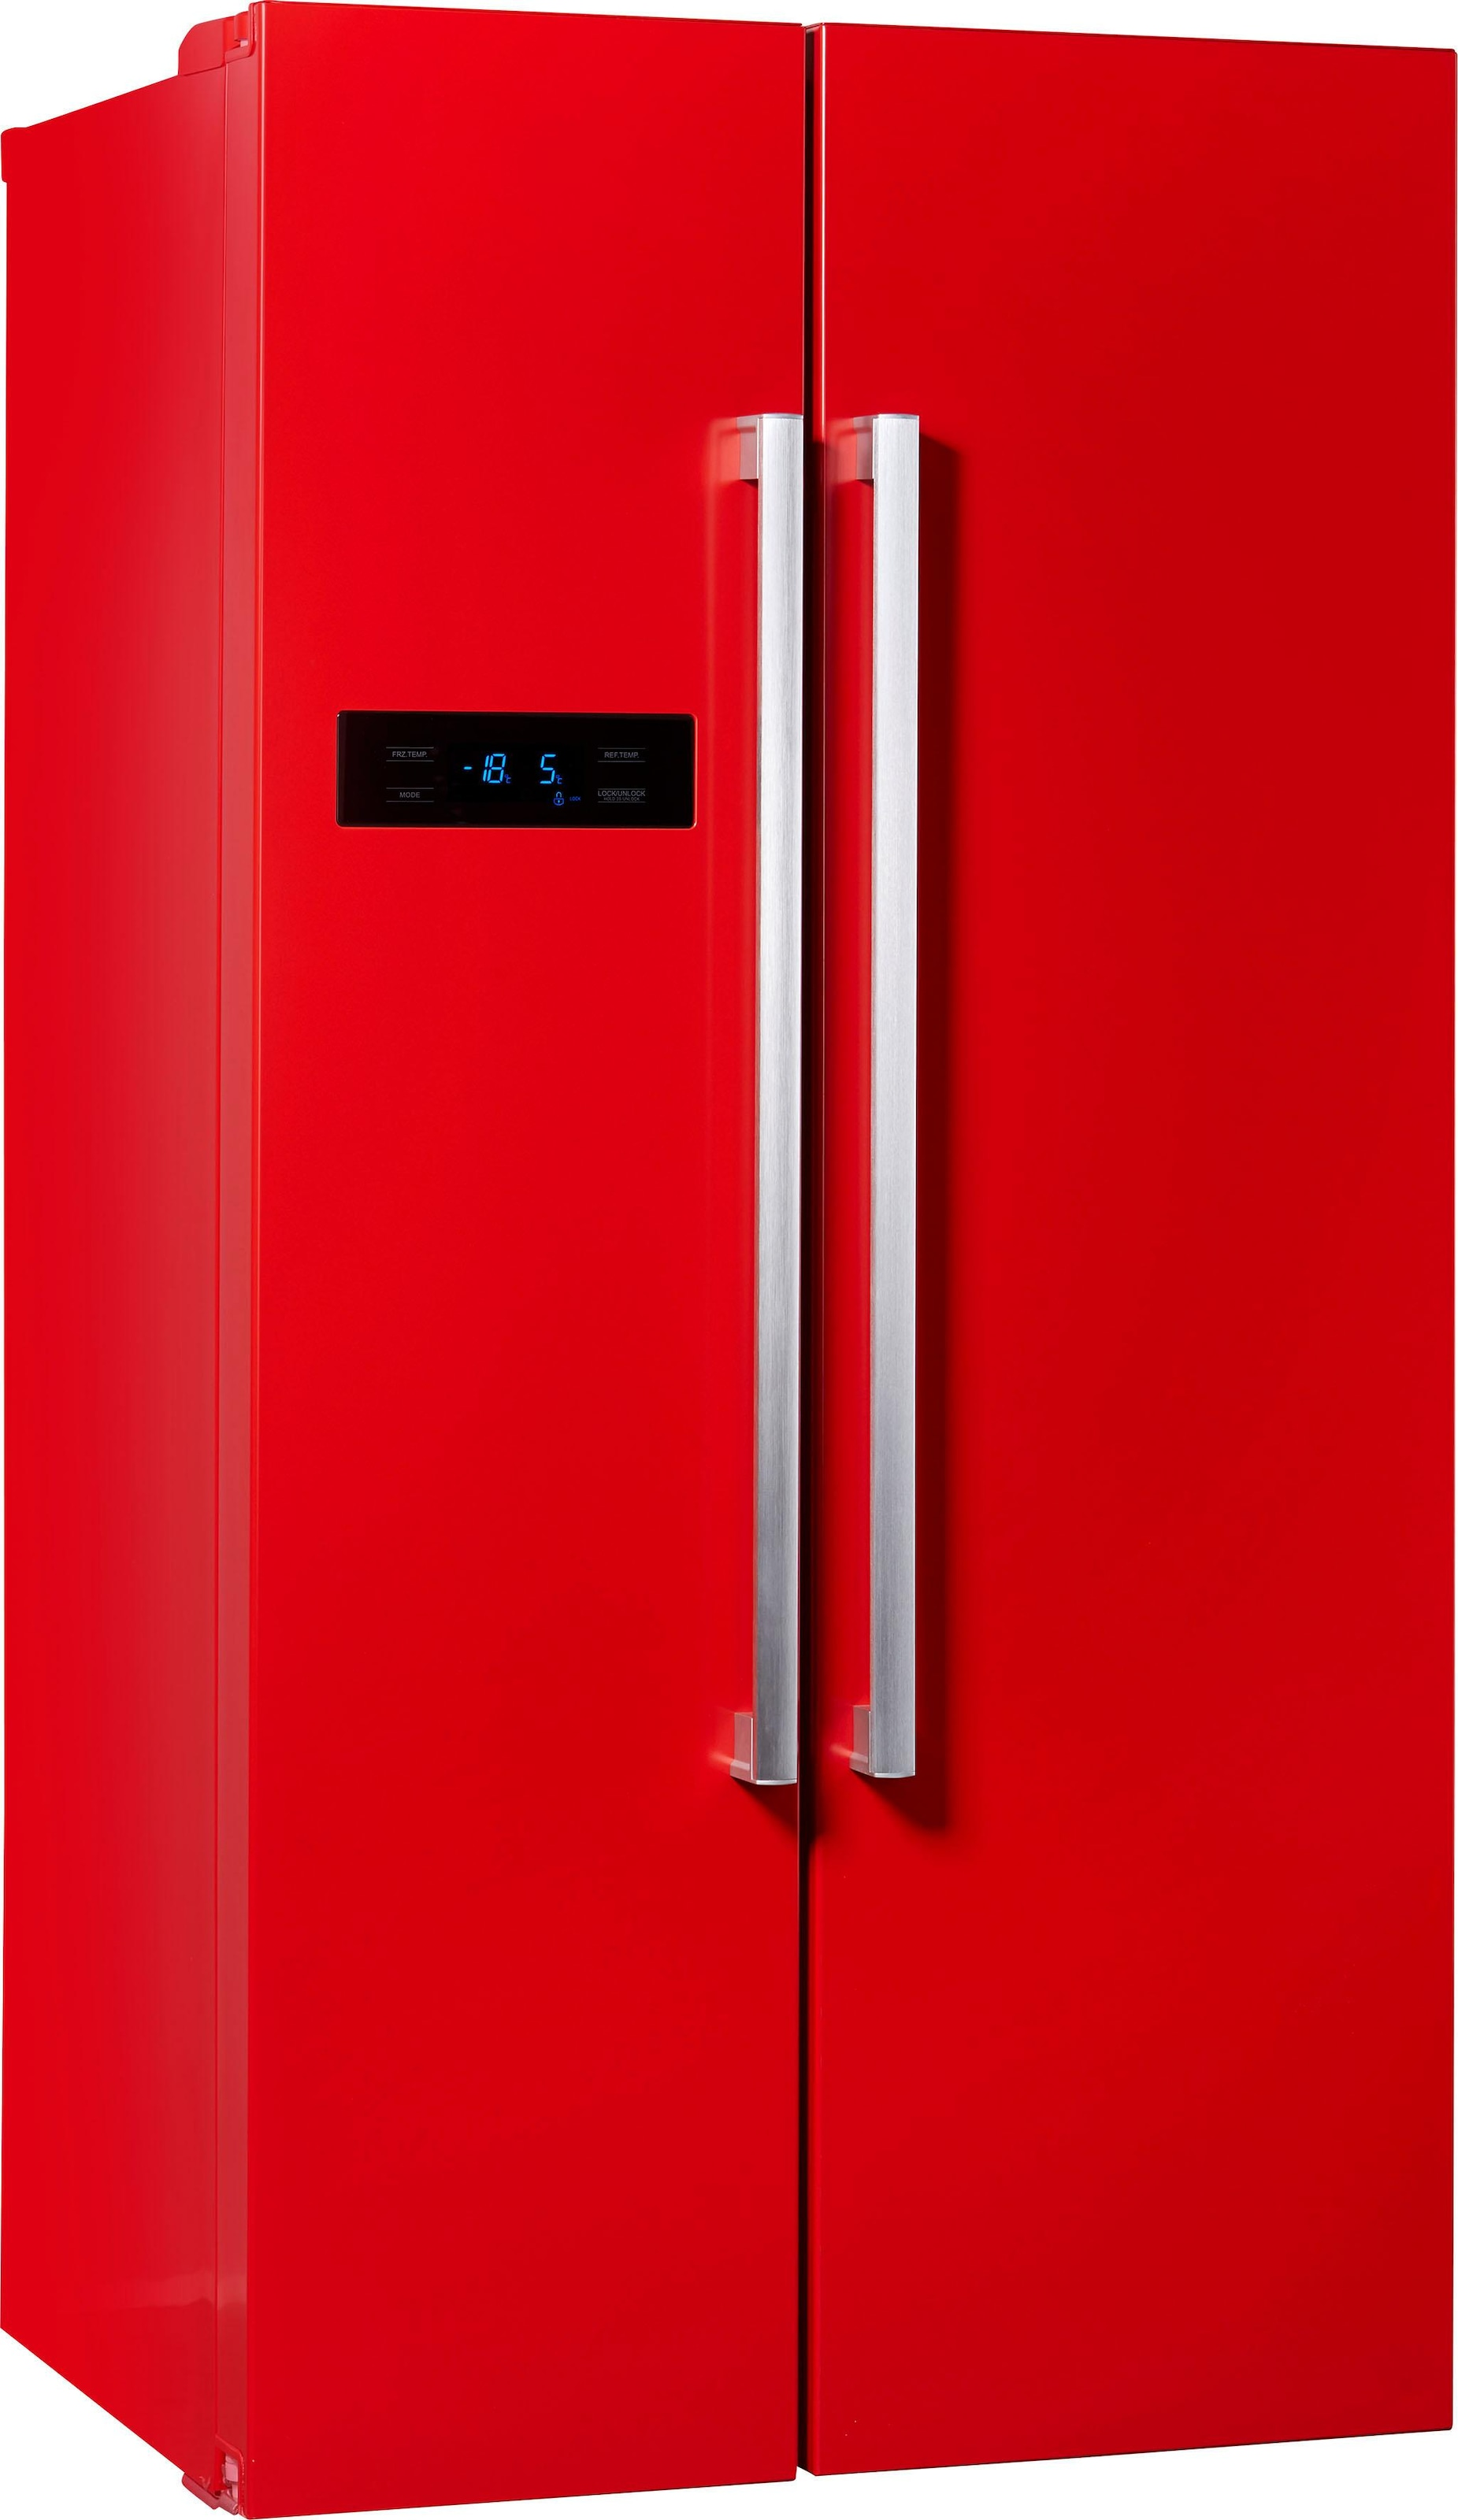 Side By Side Kühlschrank Gebraucht Kaufen : Side by side kühlschrank auf rechnung raten kaufen